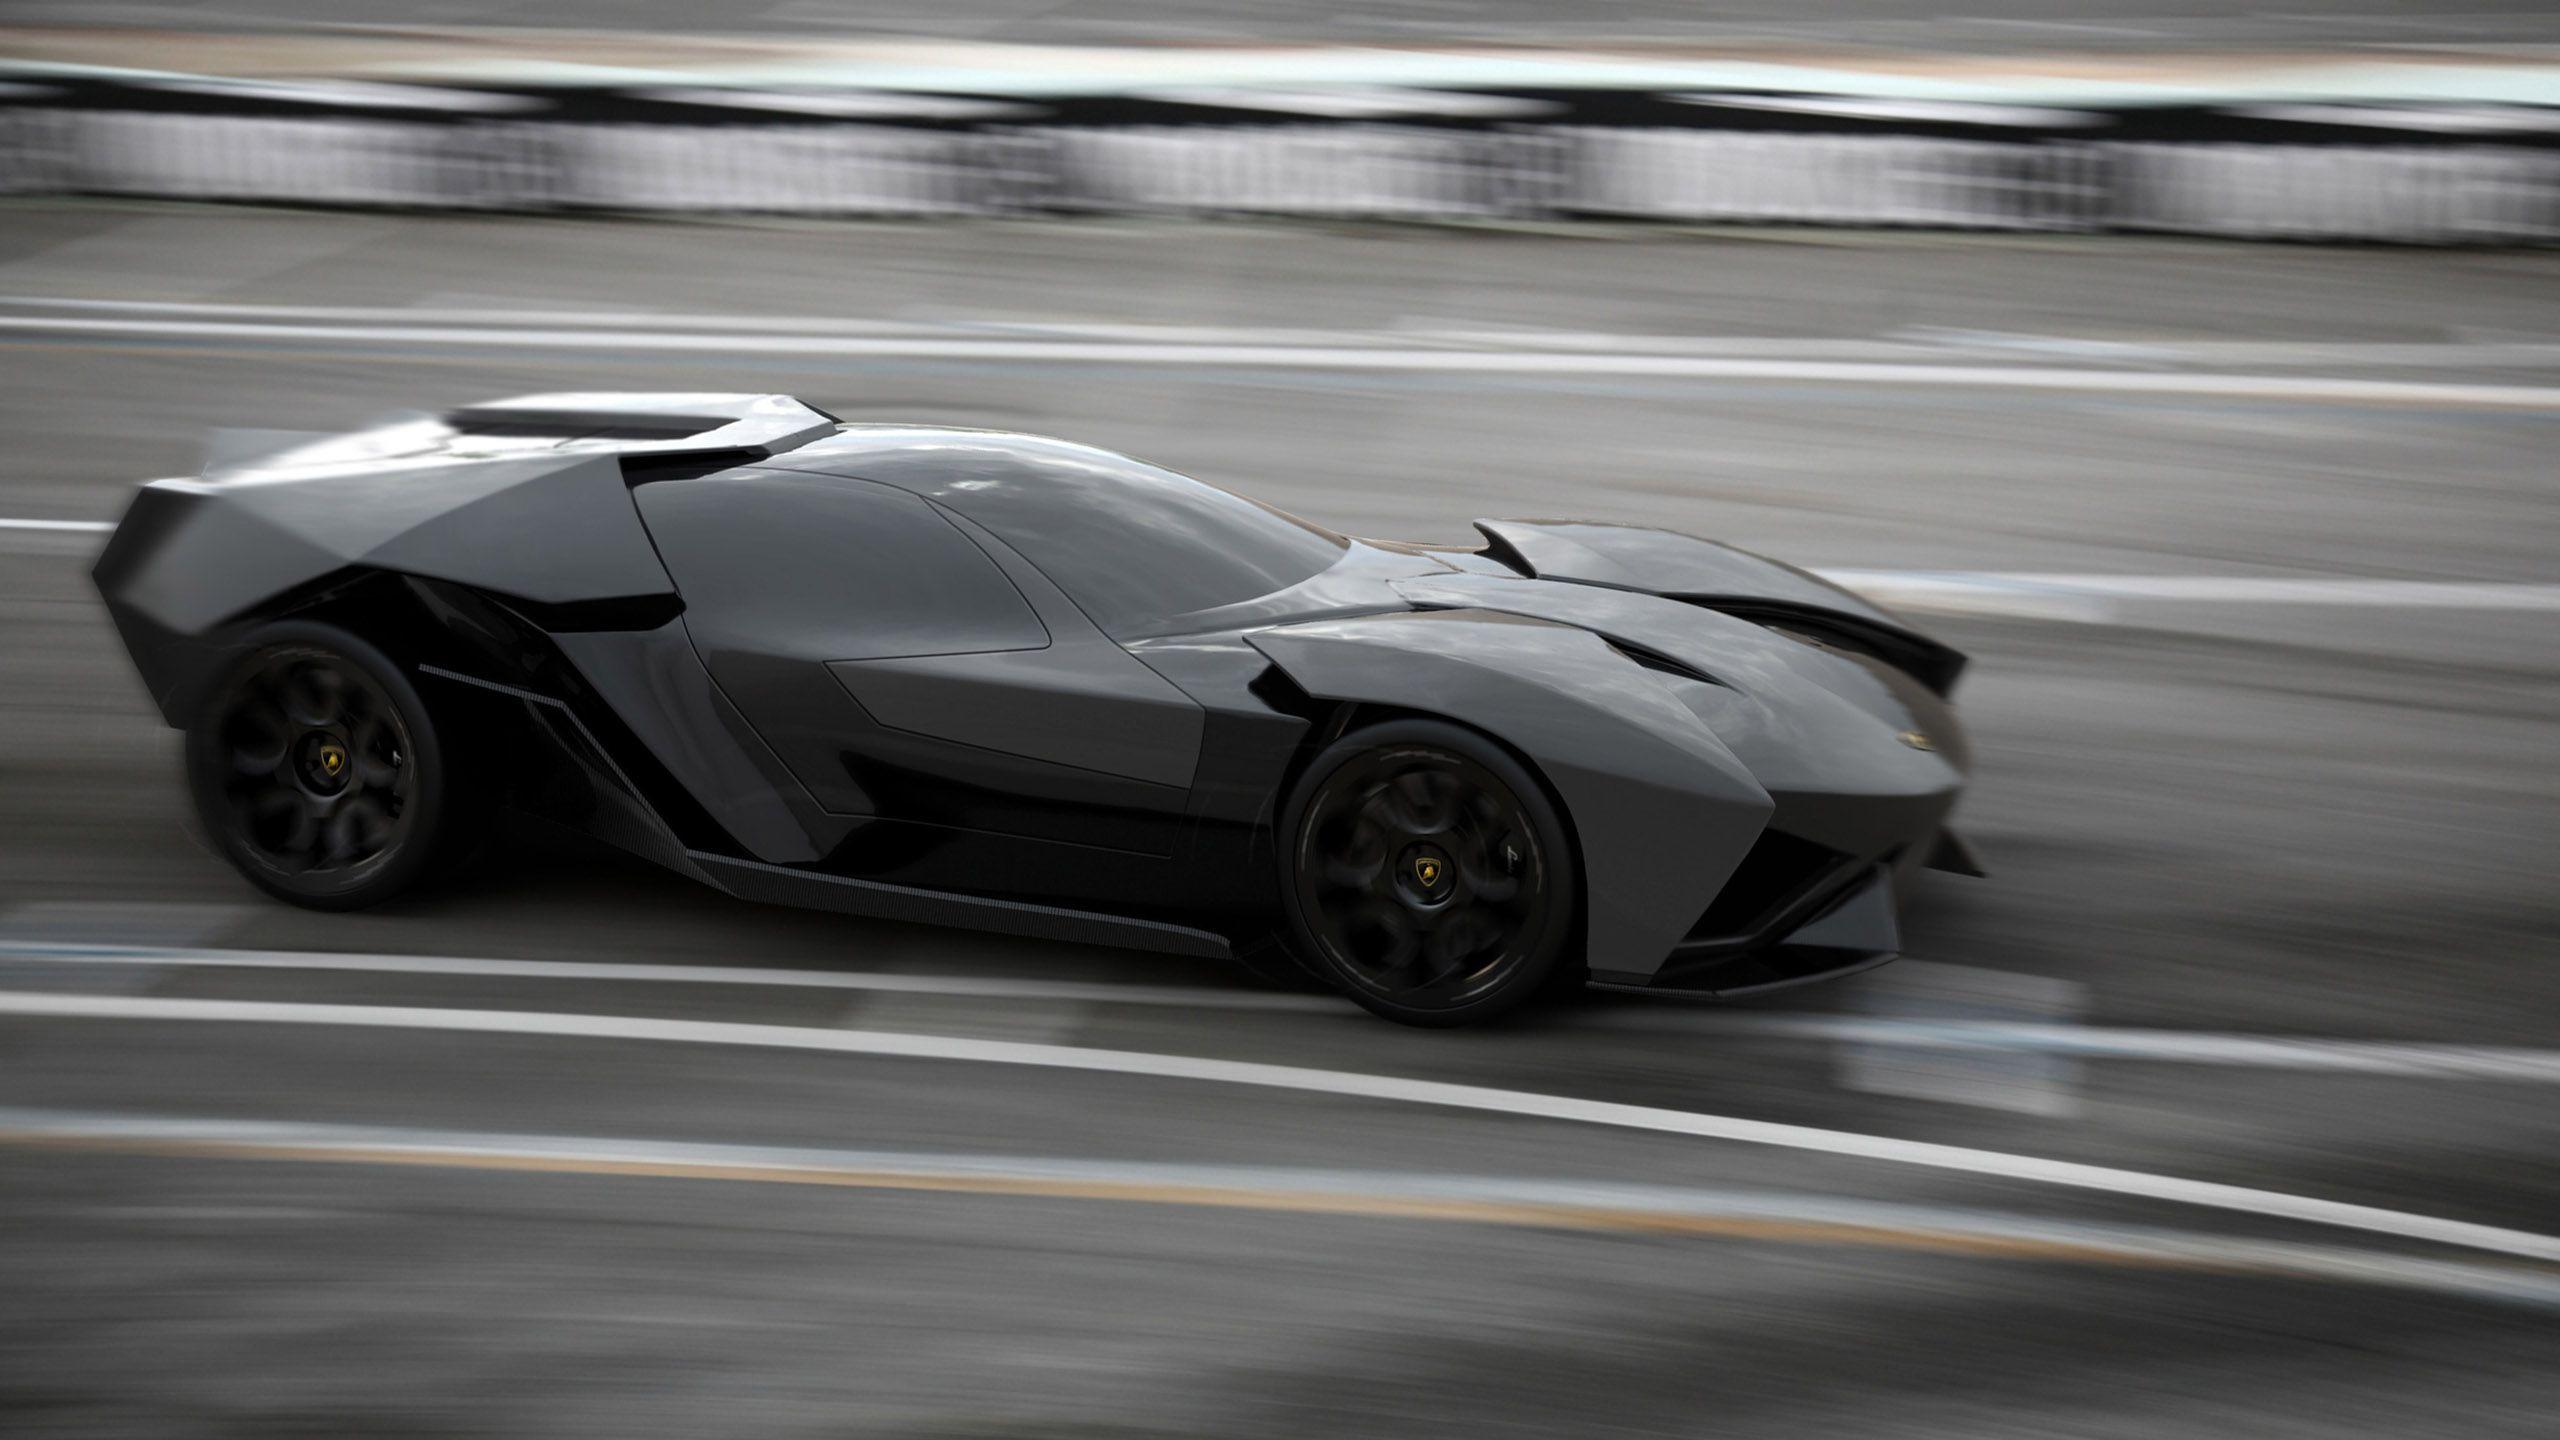 Lamborghini ankonian concept interior lamborghini - German Student Presents 2016 Lamborghini Ankonian Concept